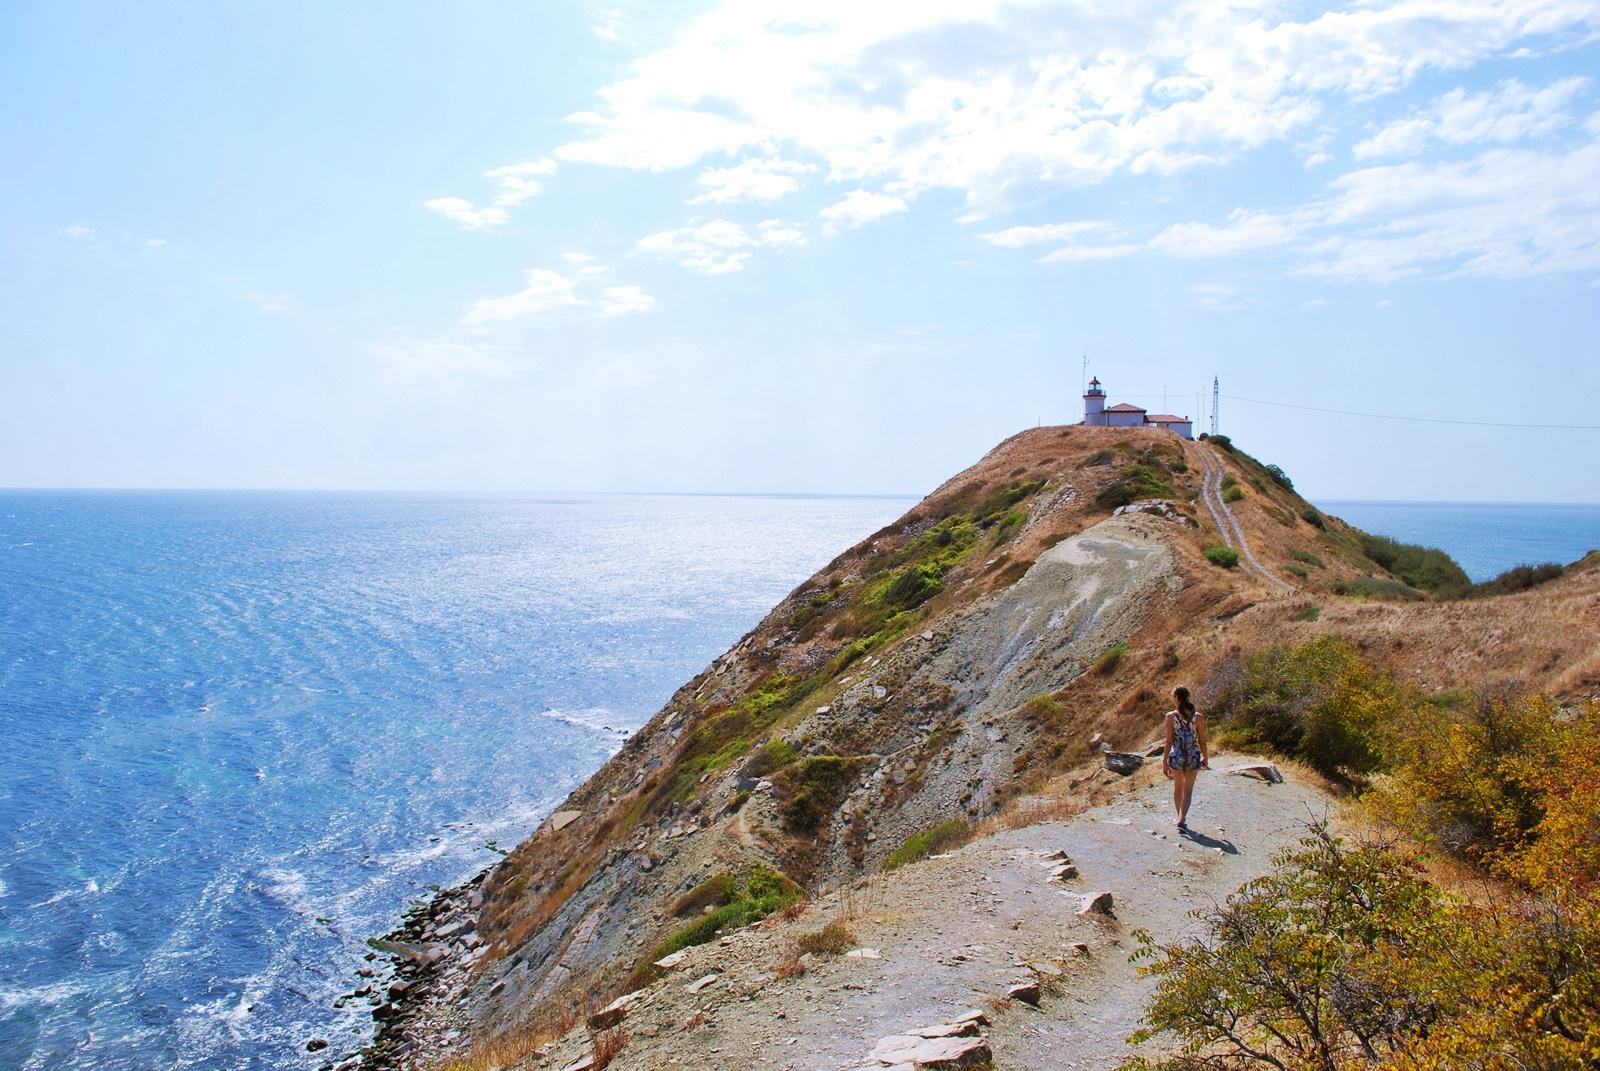 Cape Emine Bulgaria